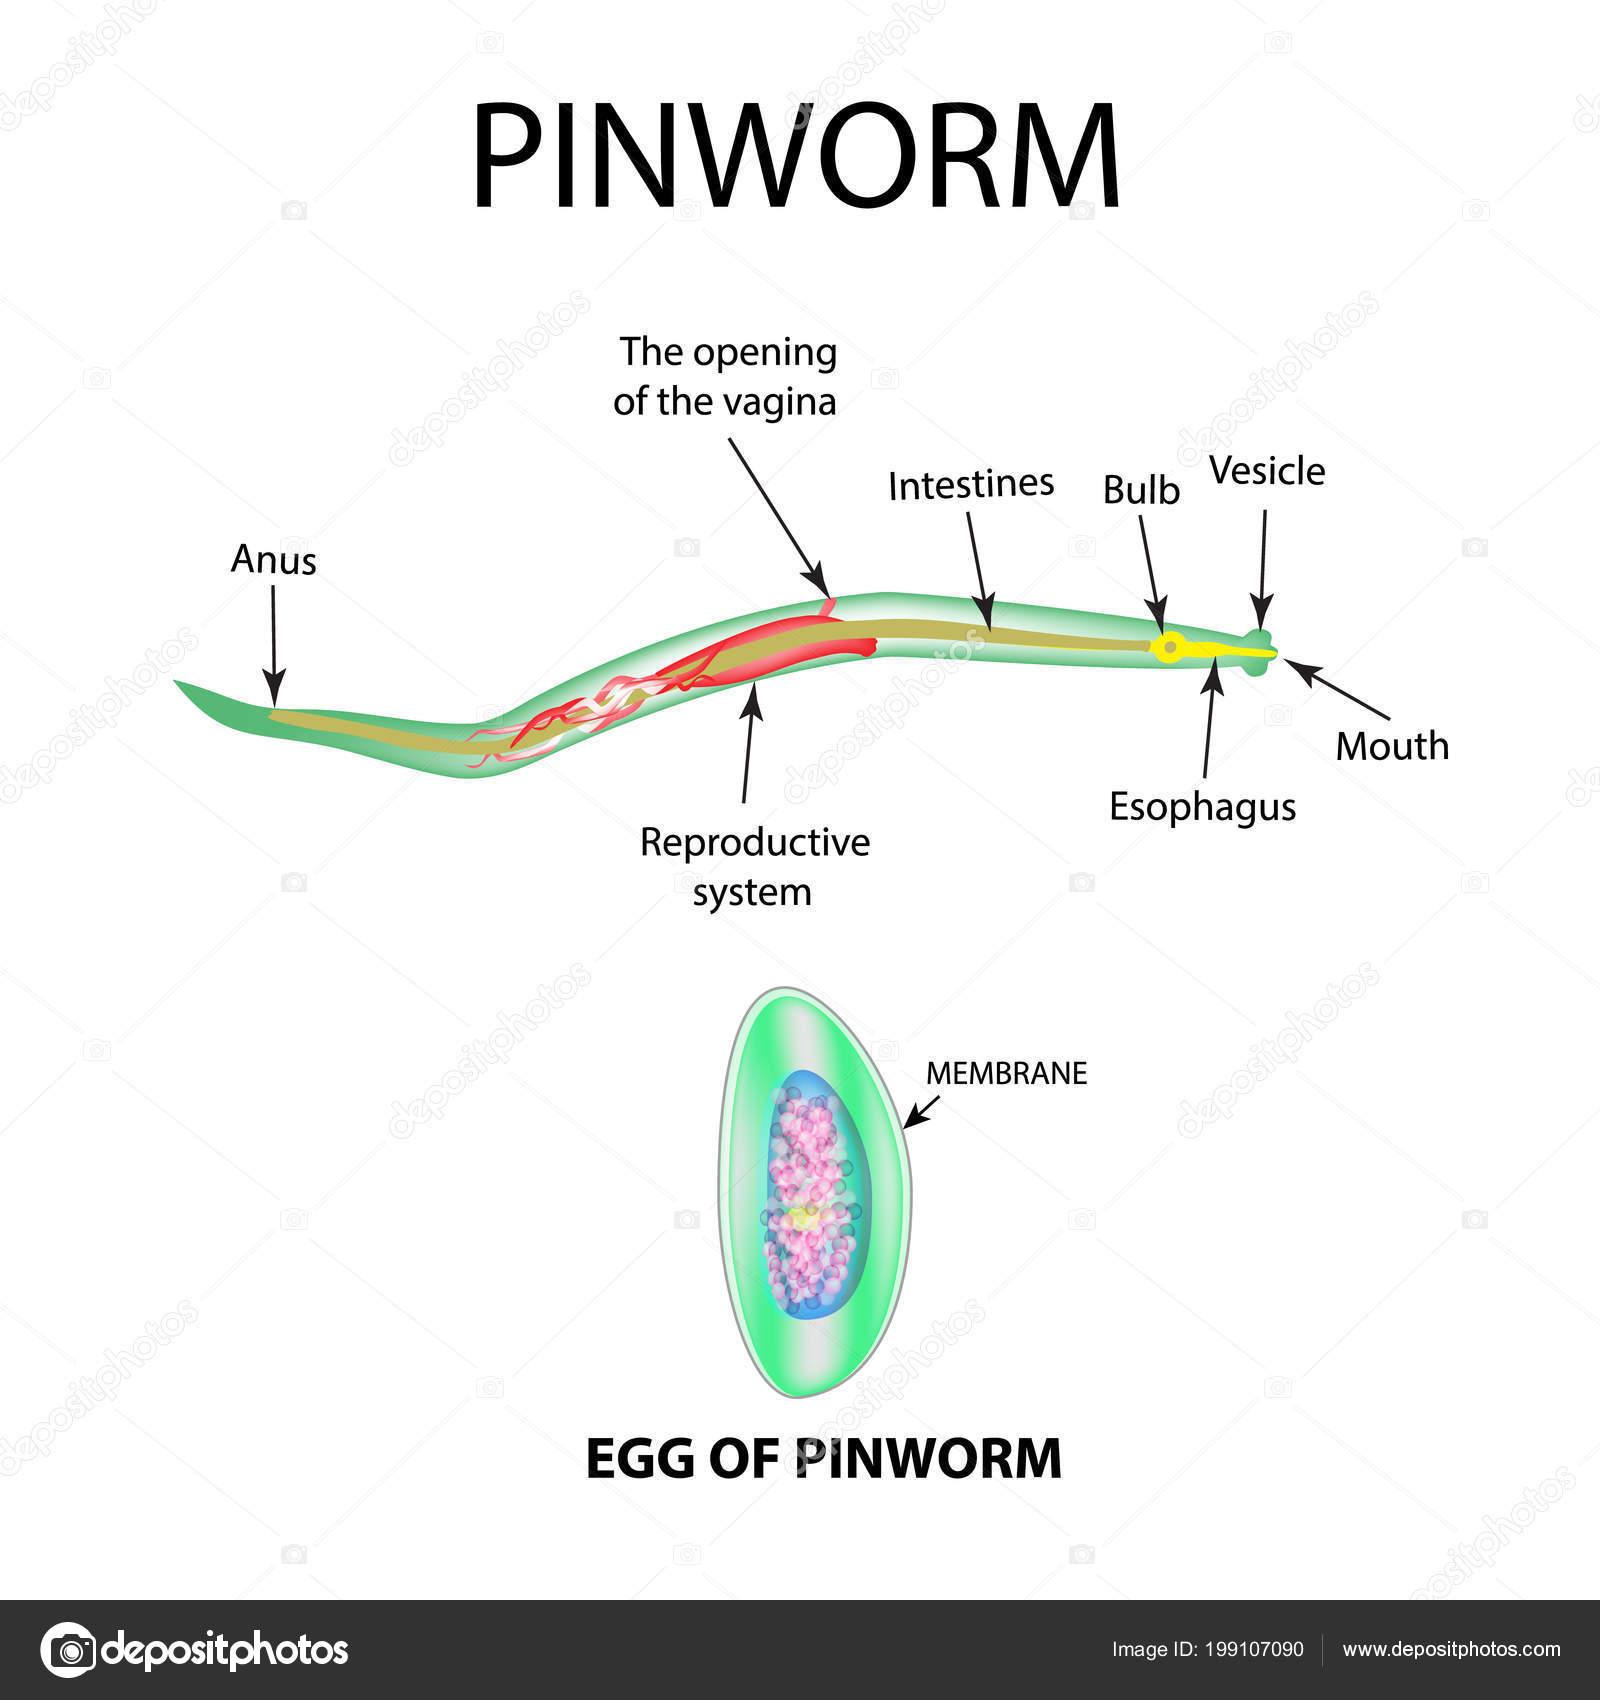 Pinworm diagnózis. Paraziták kezelésére szolgáló tabletták